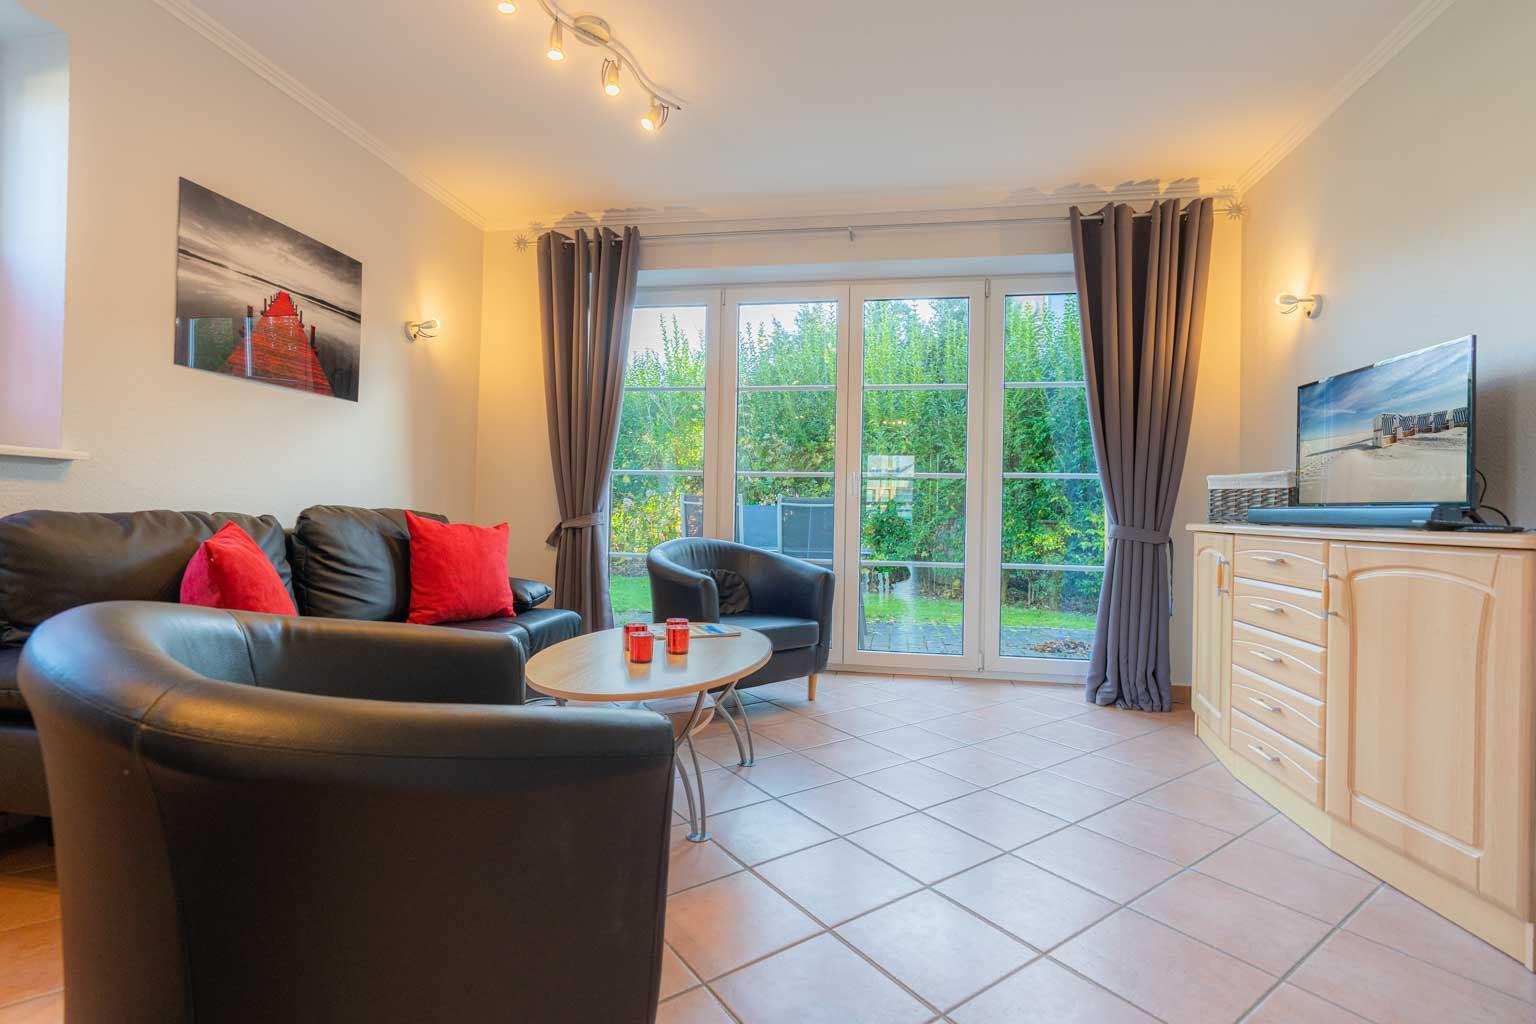 Wohnzimmer mit Terrasse und Kaminofen